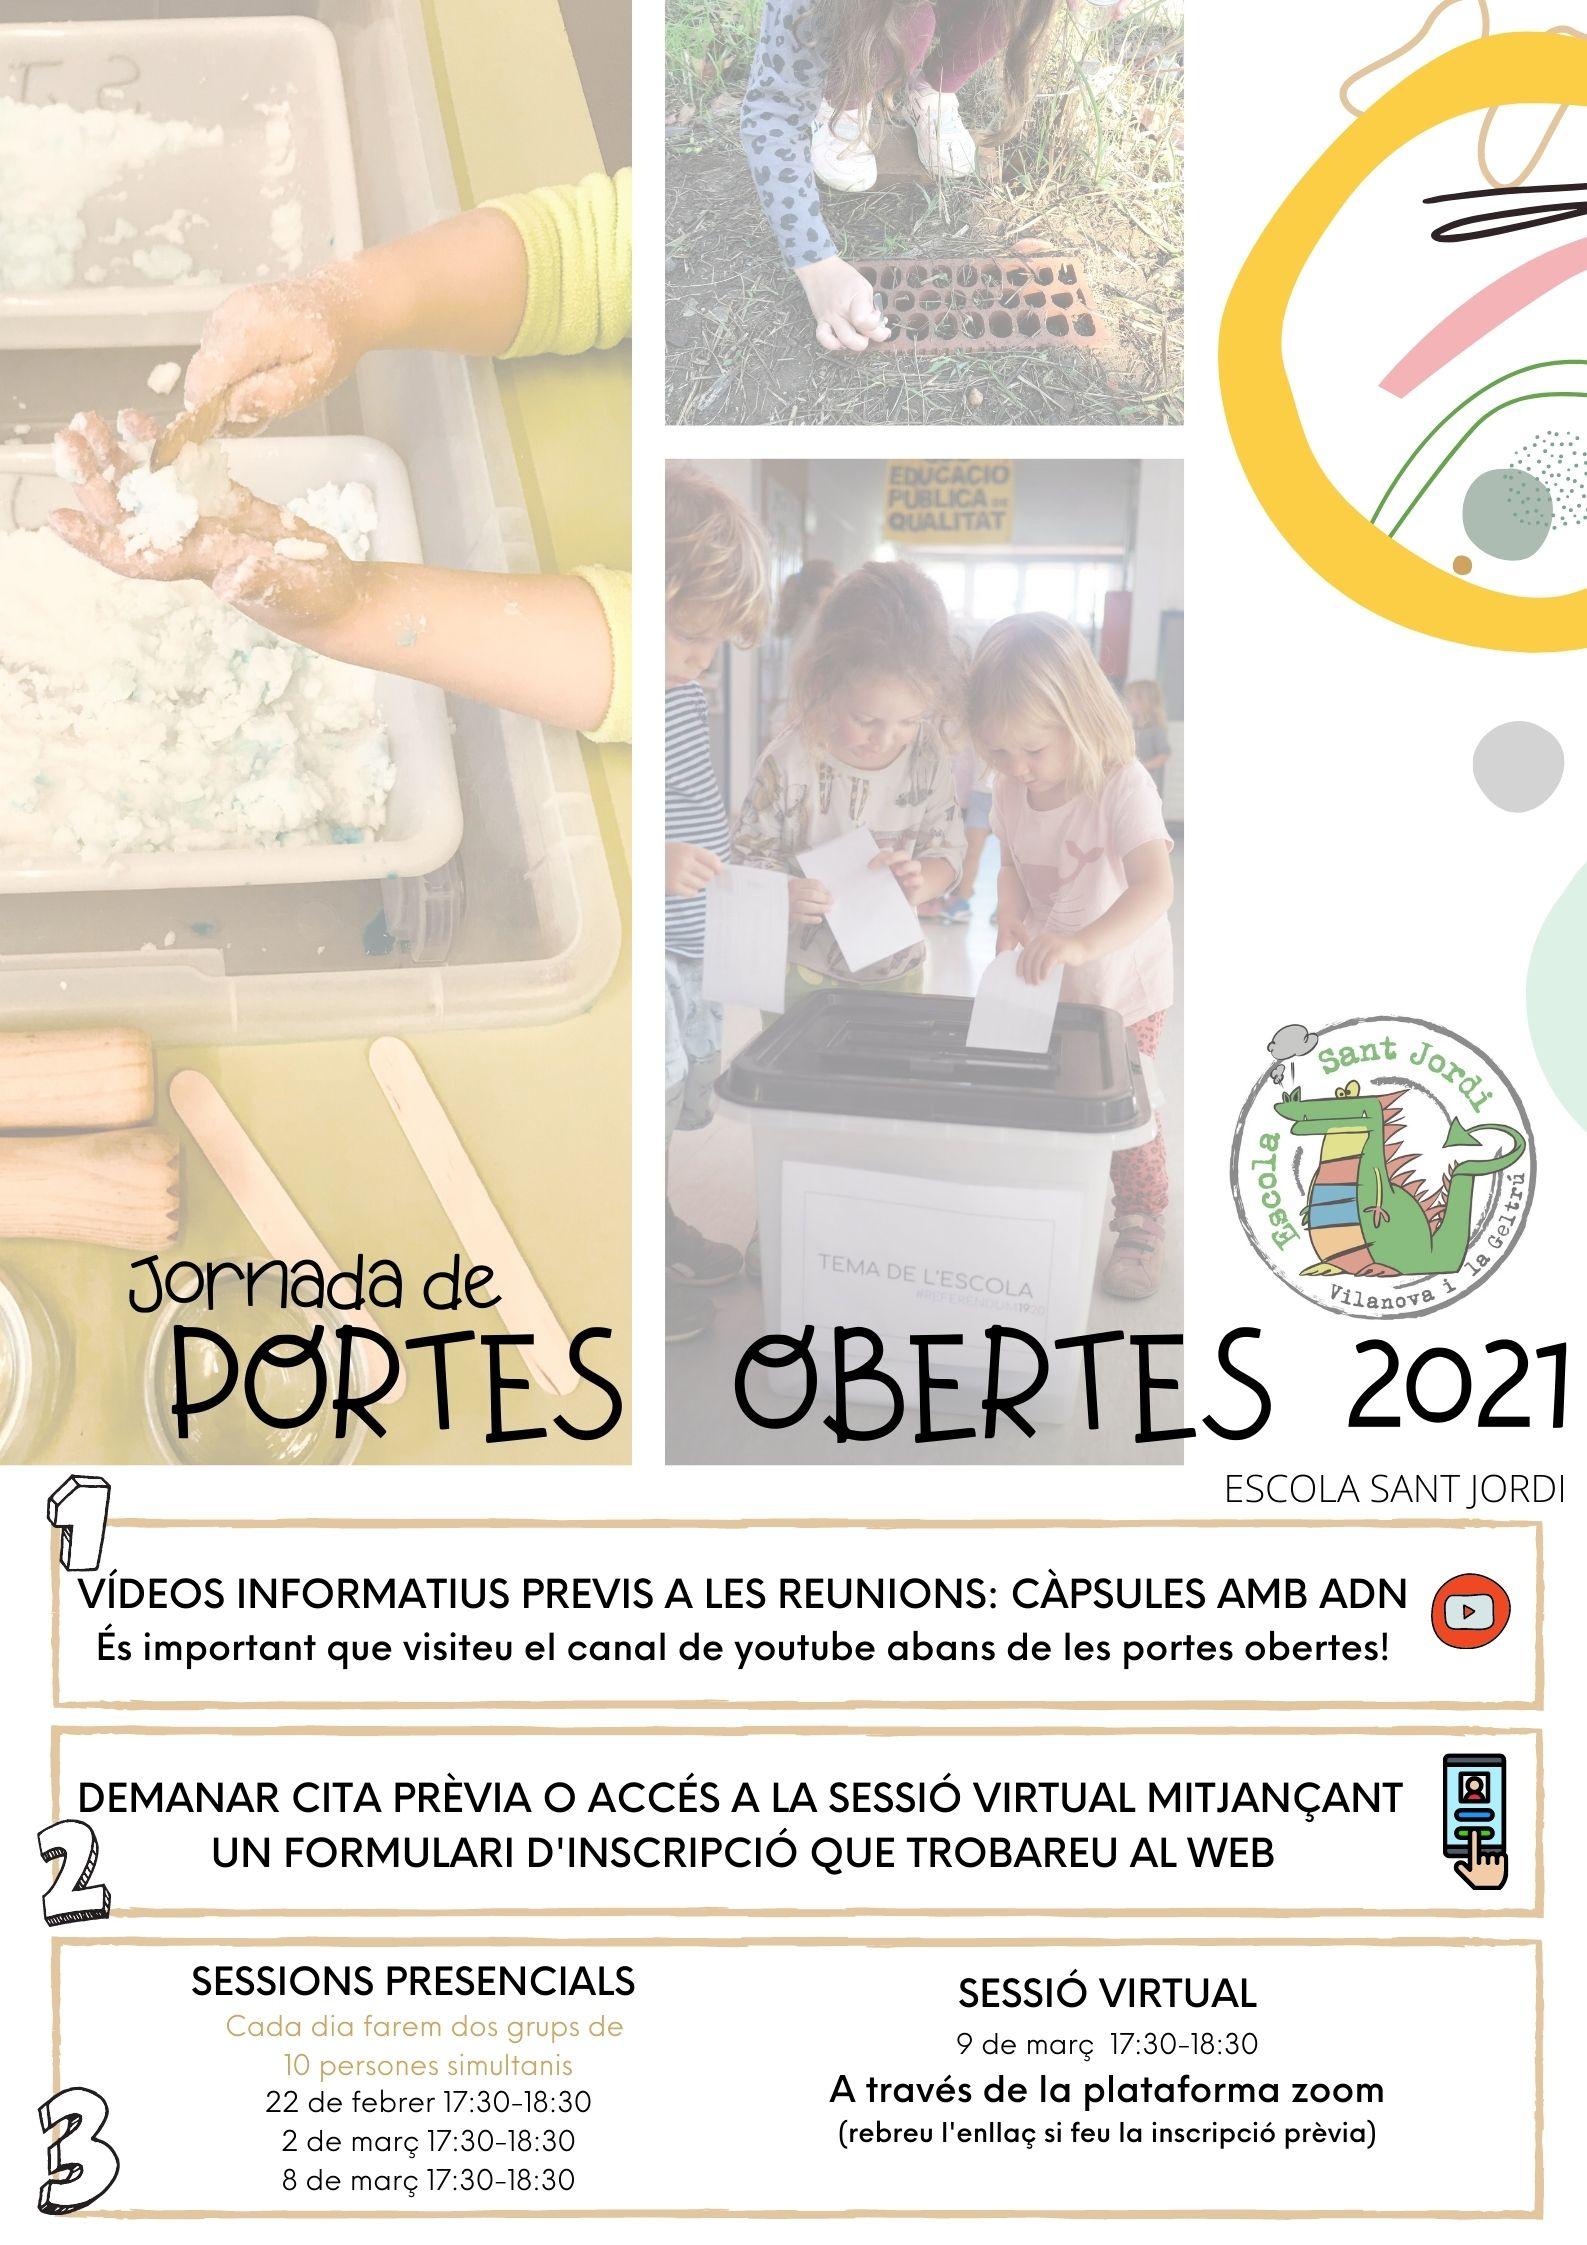 PORTES OBERTES 2021